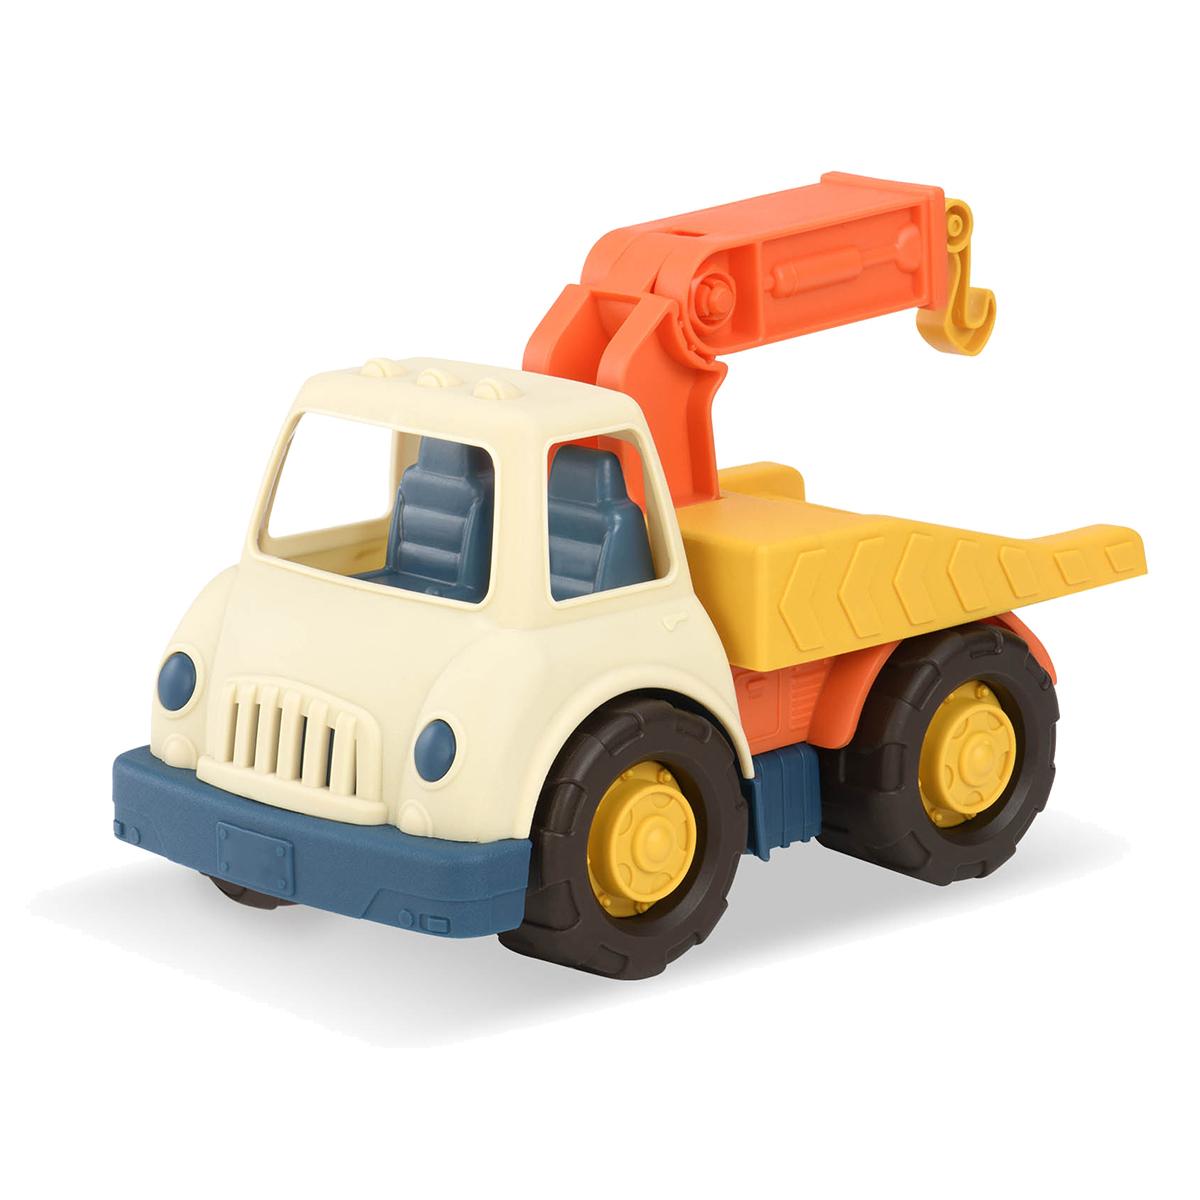 Wonder Wheels Эвакуатор68033Эвакуатор Wonder Wheels привлечет внимание вашего ребенка и станет его любимой игрушкой. Изделие выполнено из безопасного материала. Функциональность игрушки дает возможность ребёнку окунуться с головой в игровой процесс. А высокое качество игрушки позволяет наслаждаться любимой игрой в полной мере и в любое время года. Ваш маленький водитель увлеченно будет играть с машинкой, придумывая различные истории. Порадуйте его таким замечательным подарком!